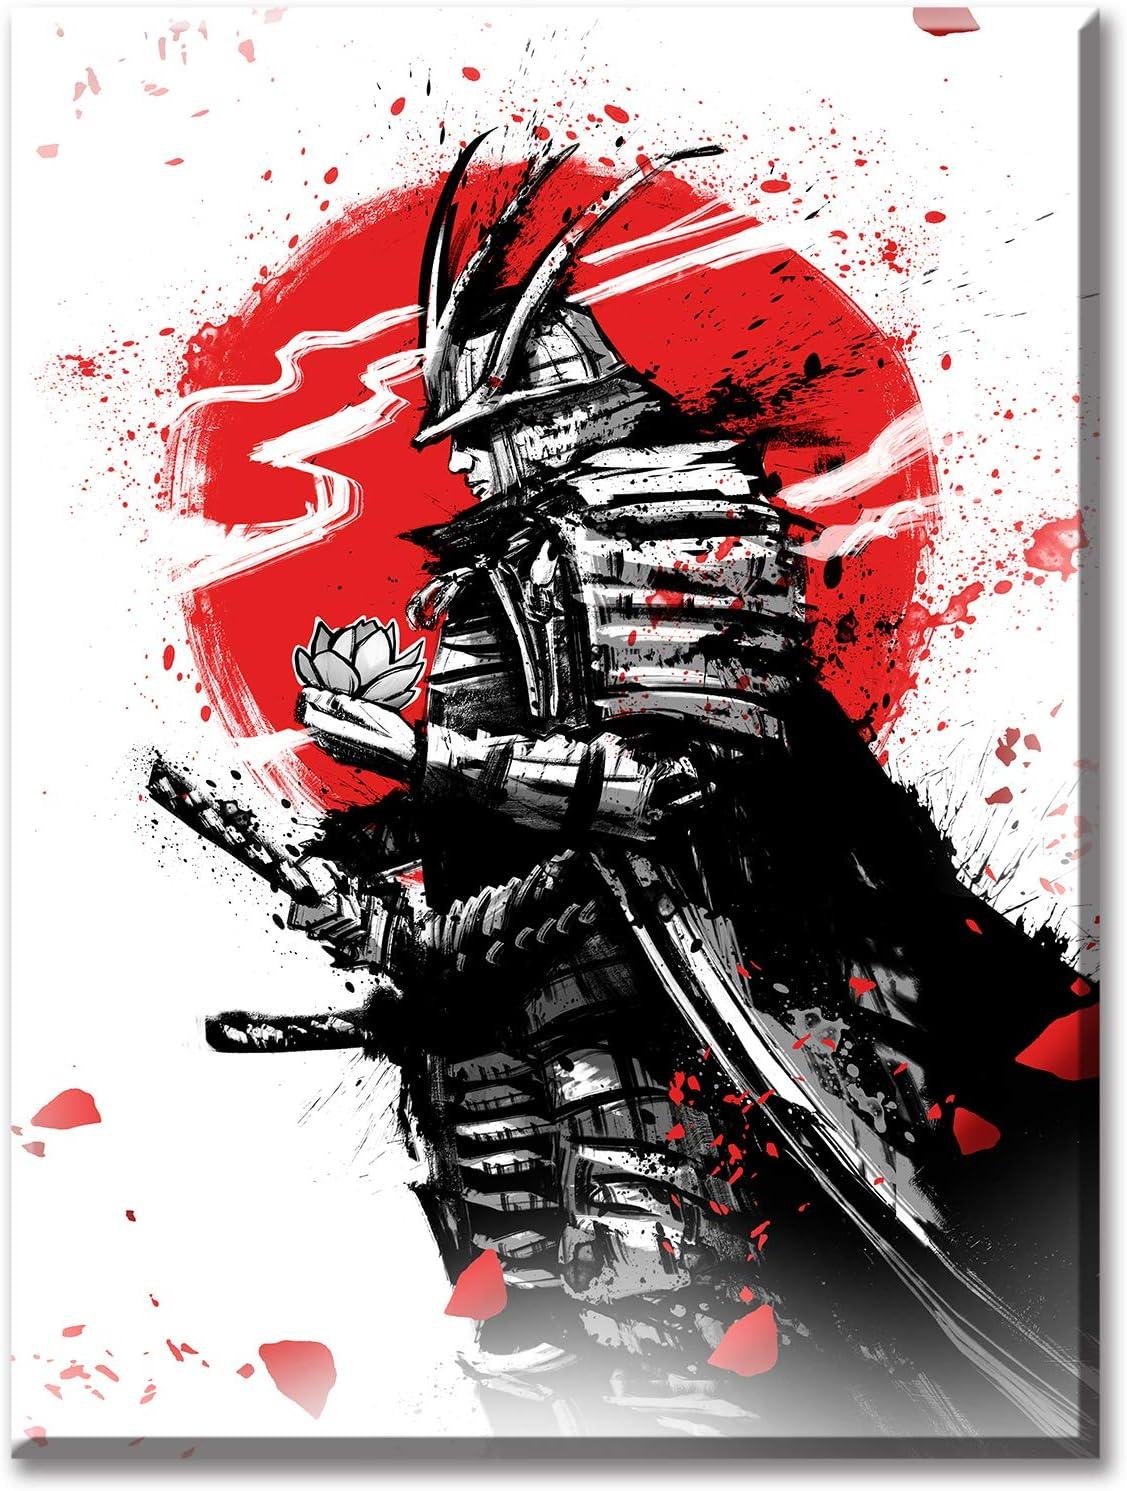 New mail order Samurai Wall Art Japanese Warrior Denver Mall Poster Figure Black White and